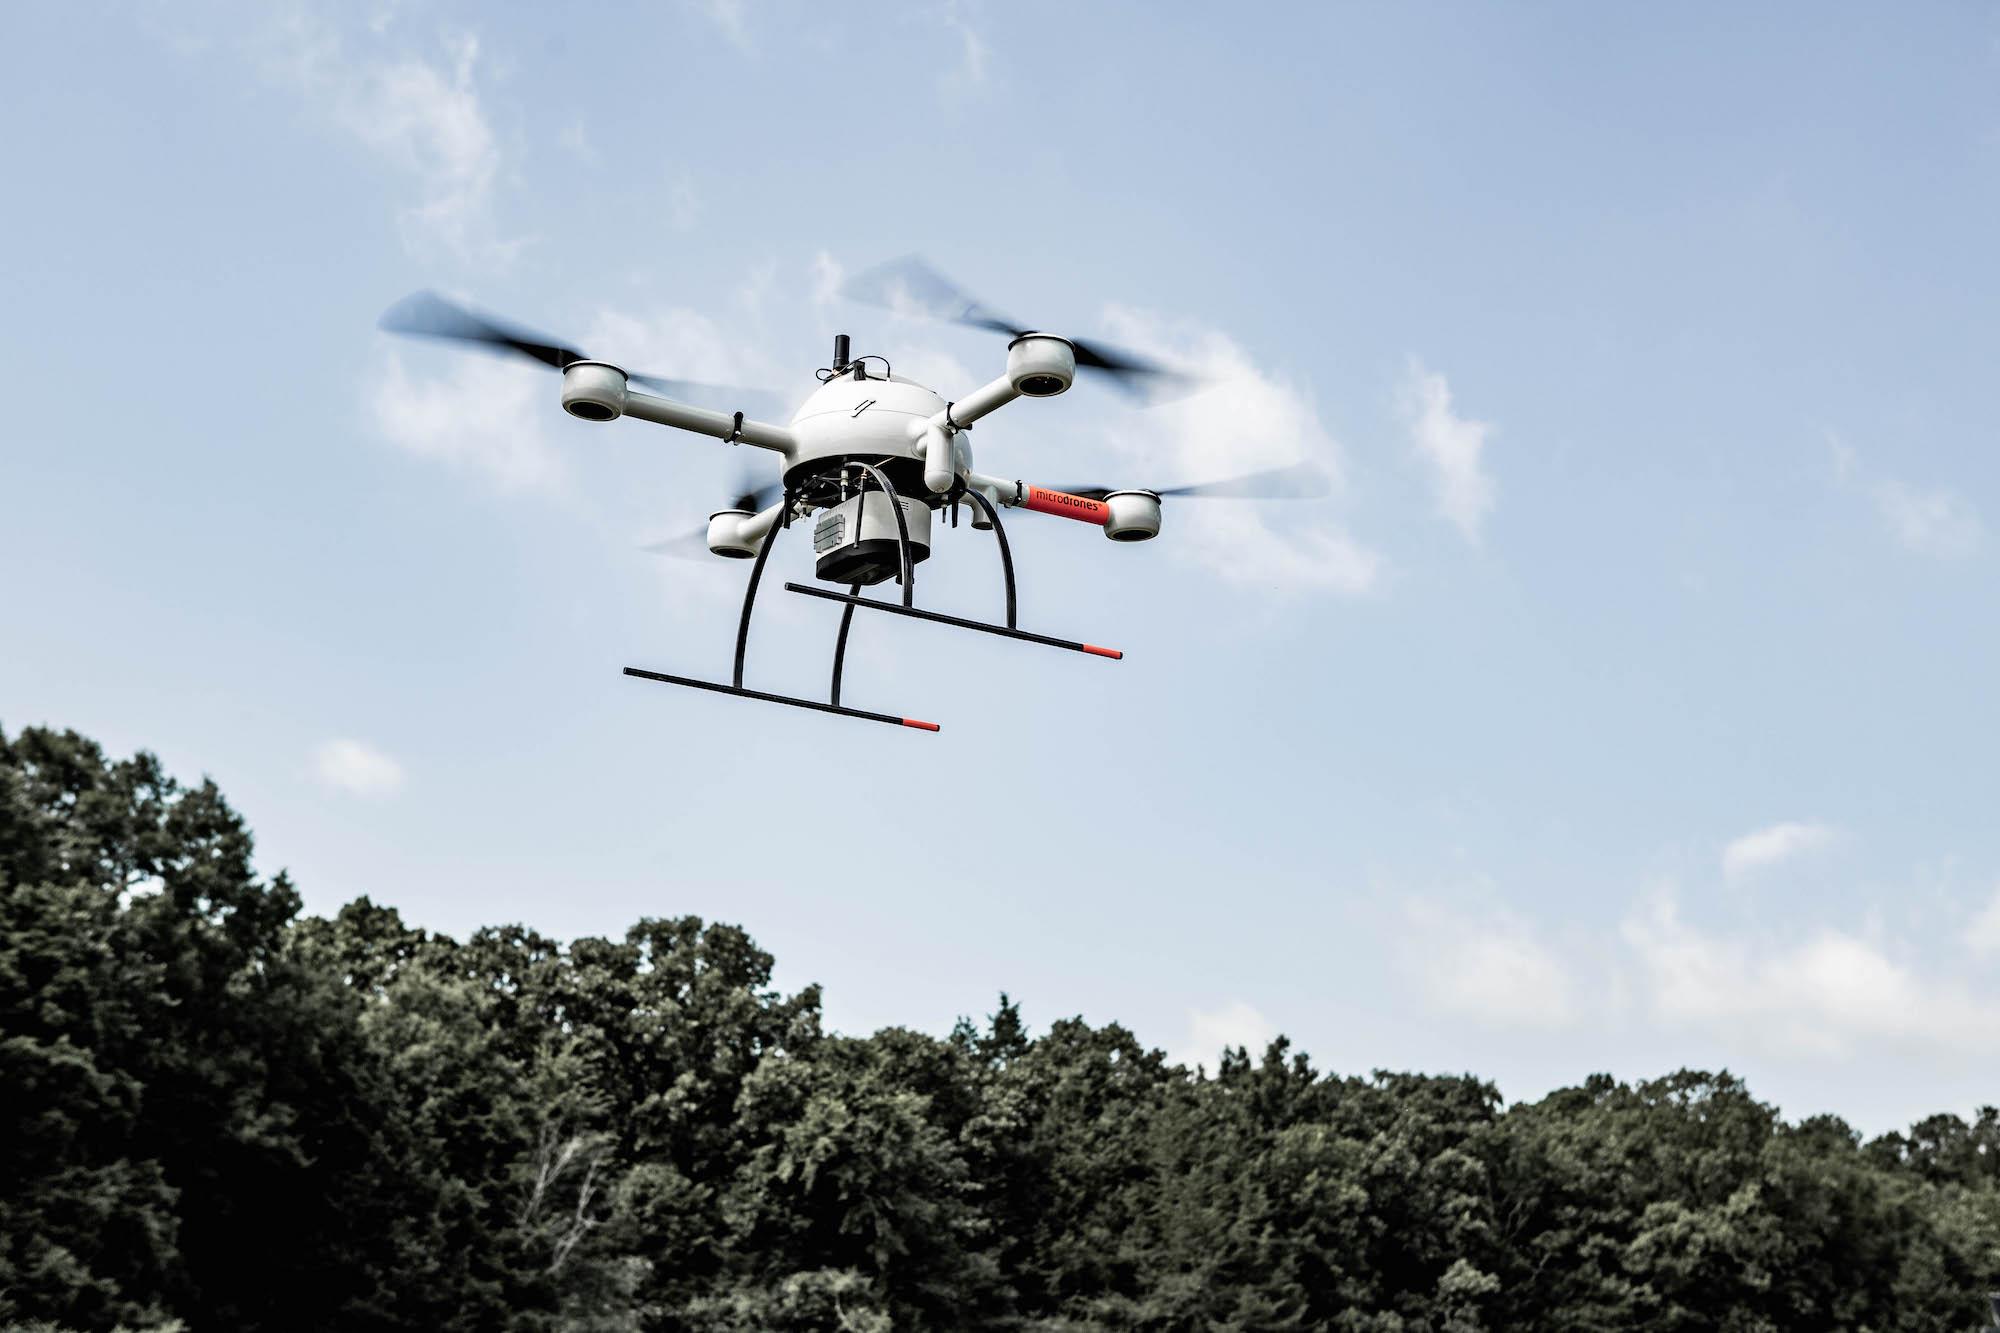 Microdrones